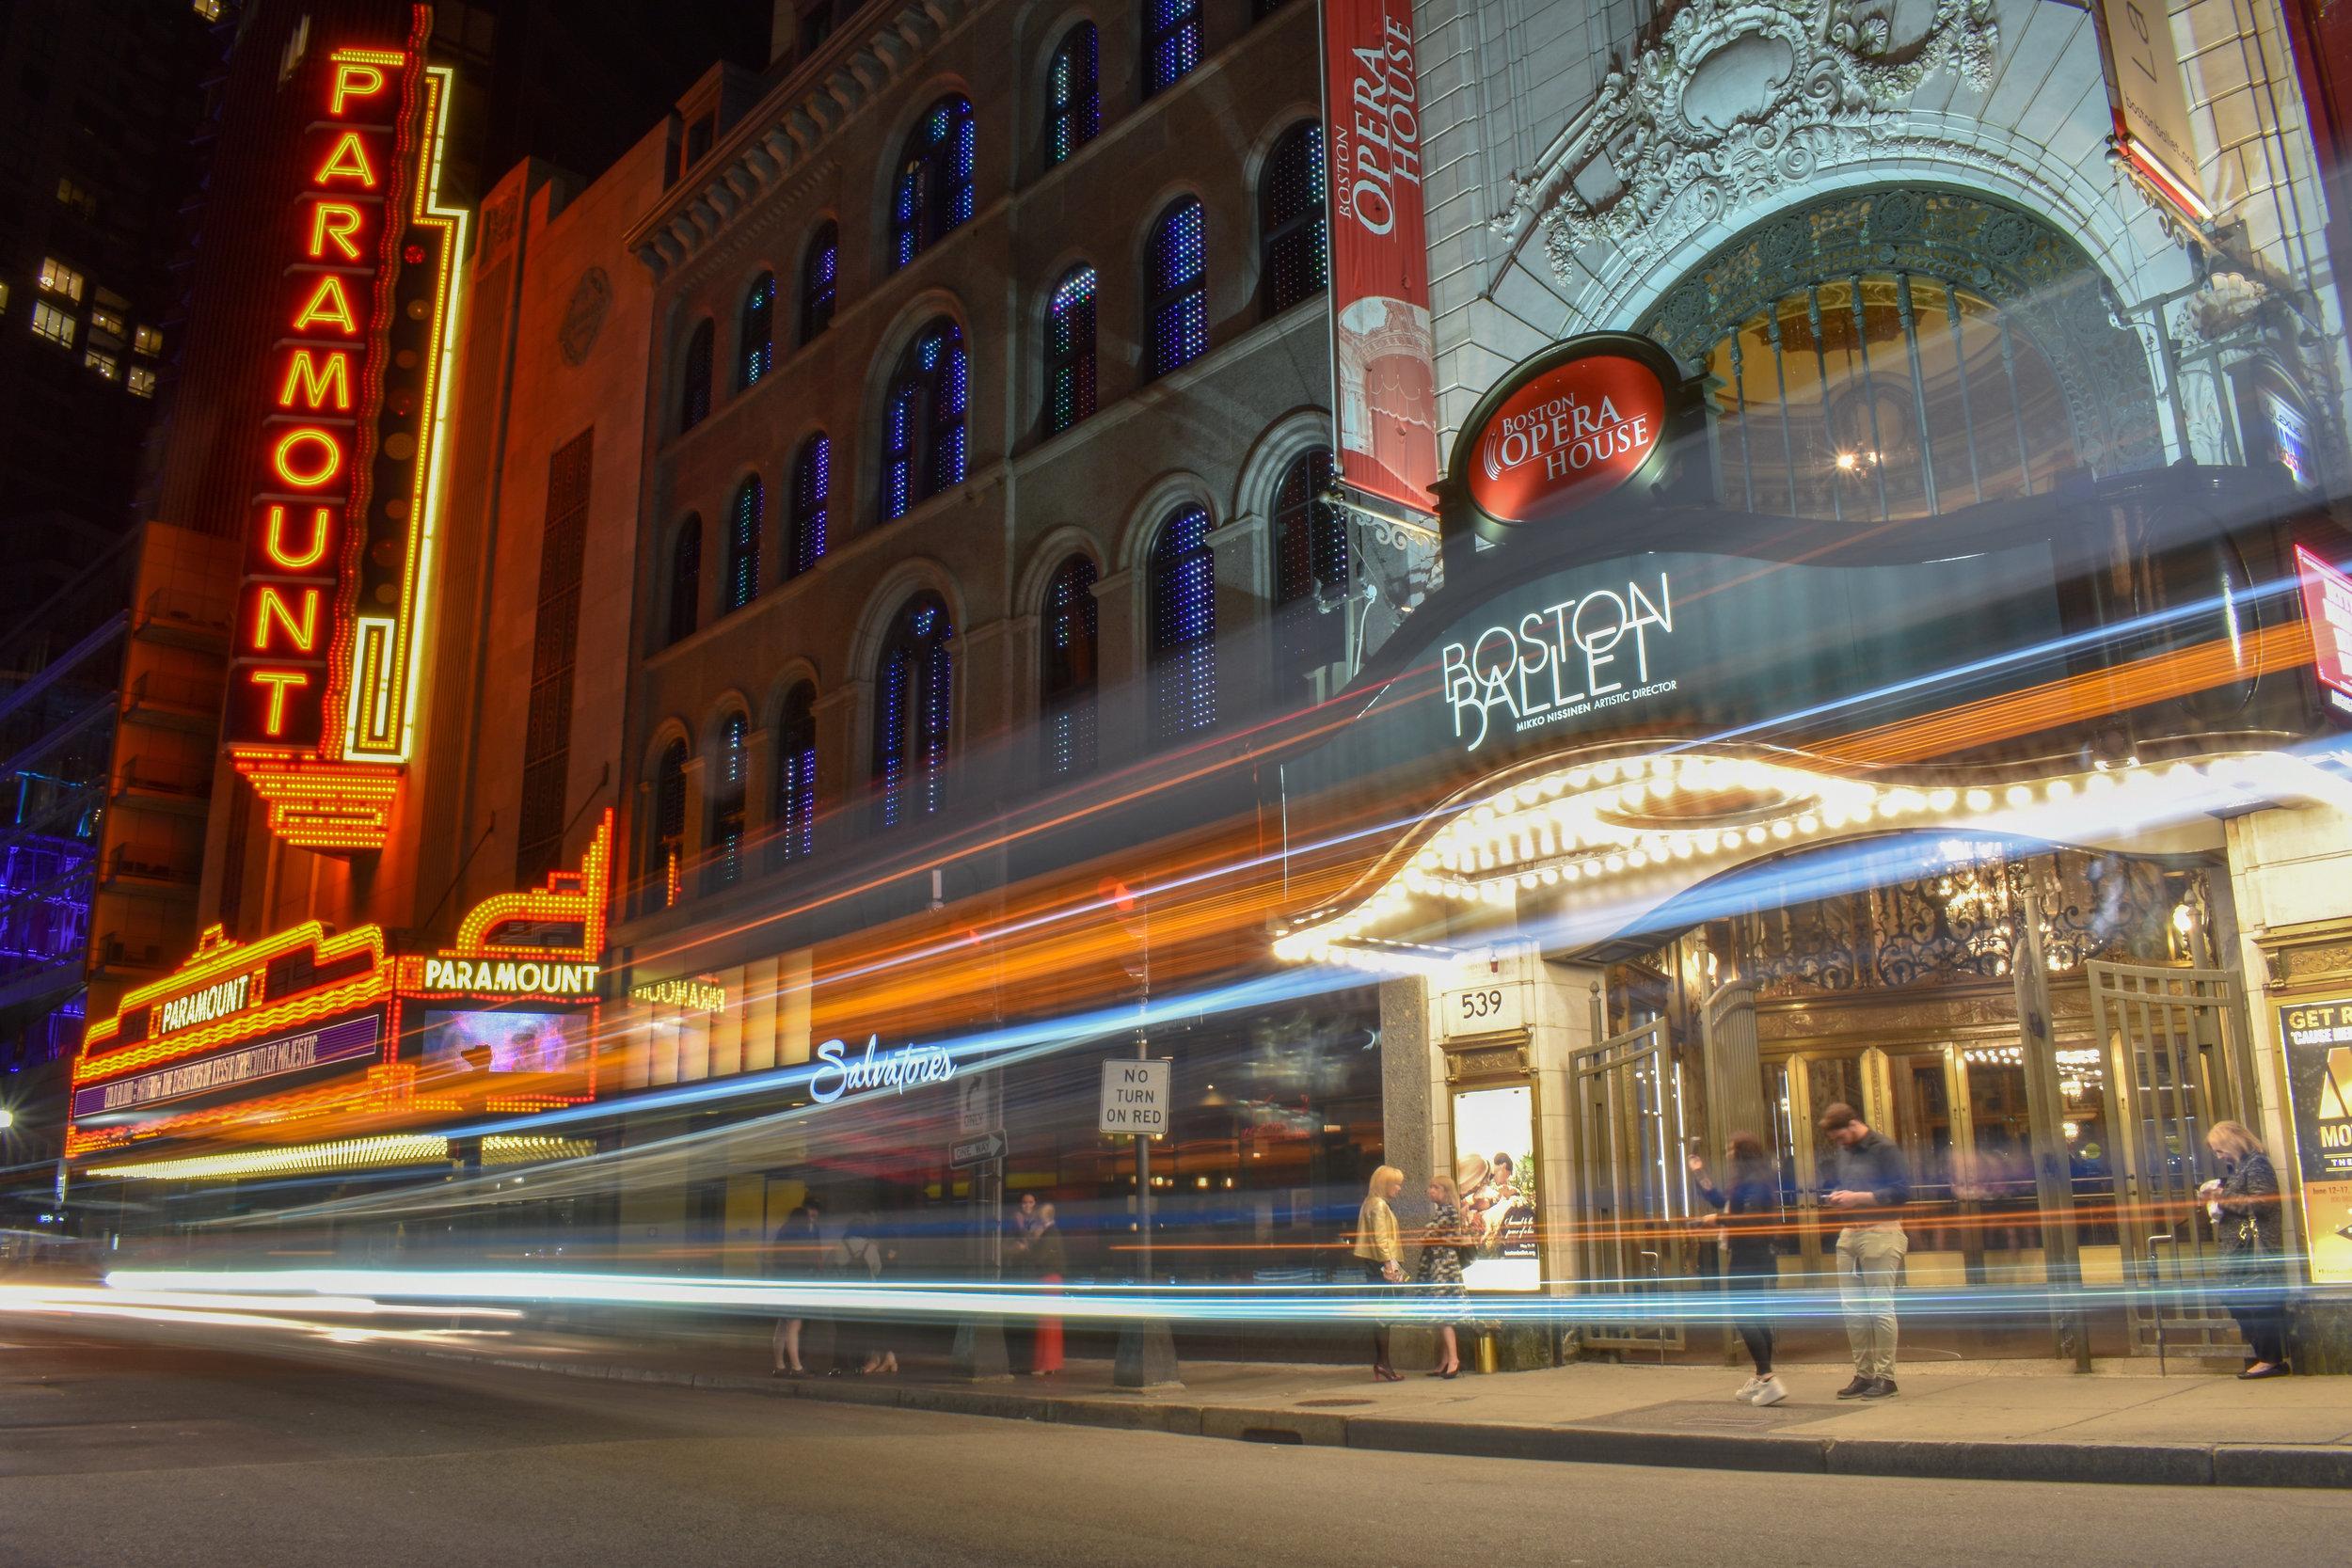 @mikedropphotography - Theatre District, Boston, MA